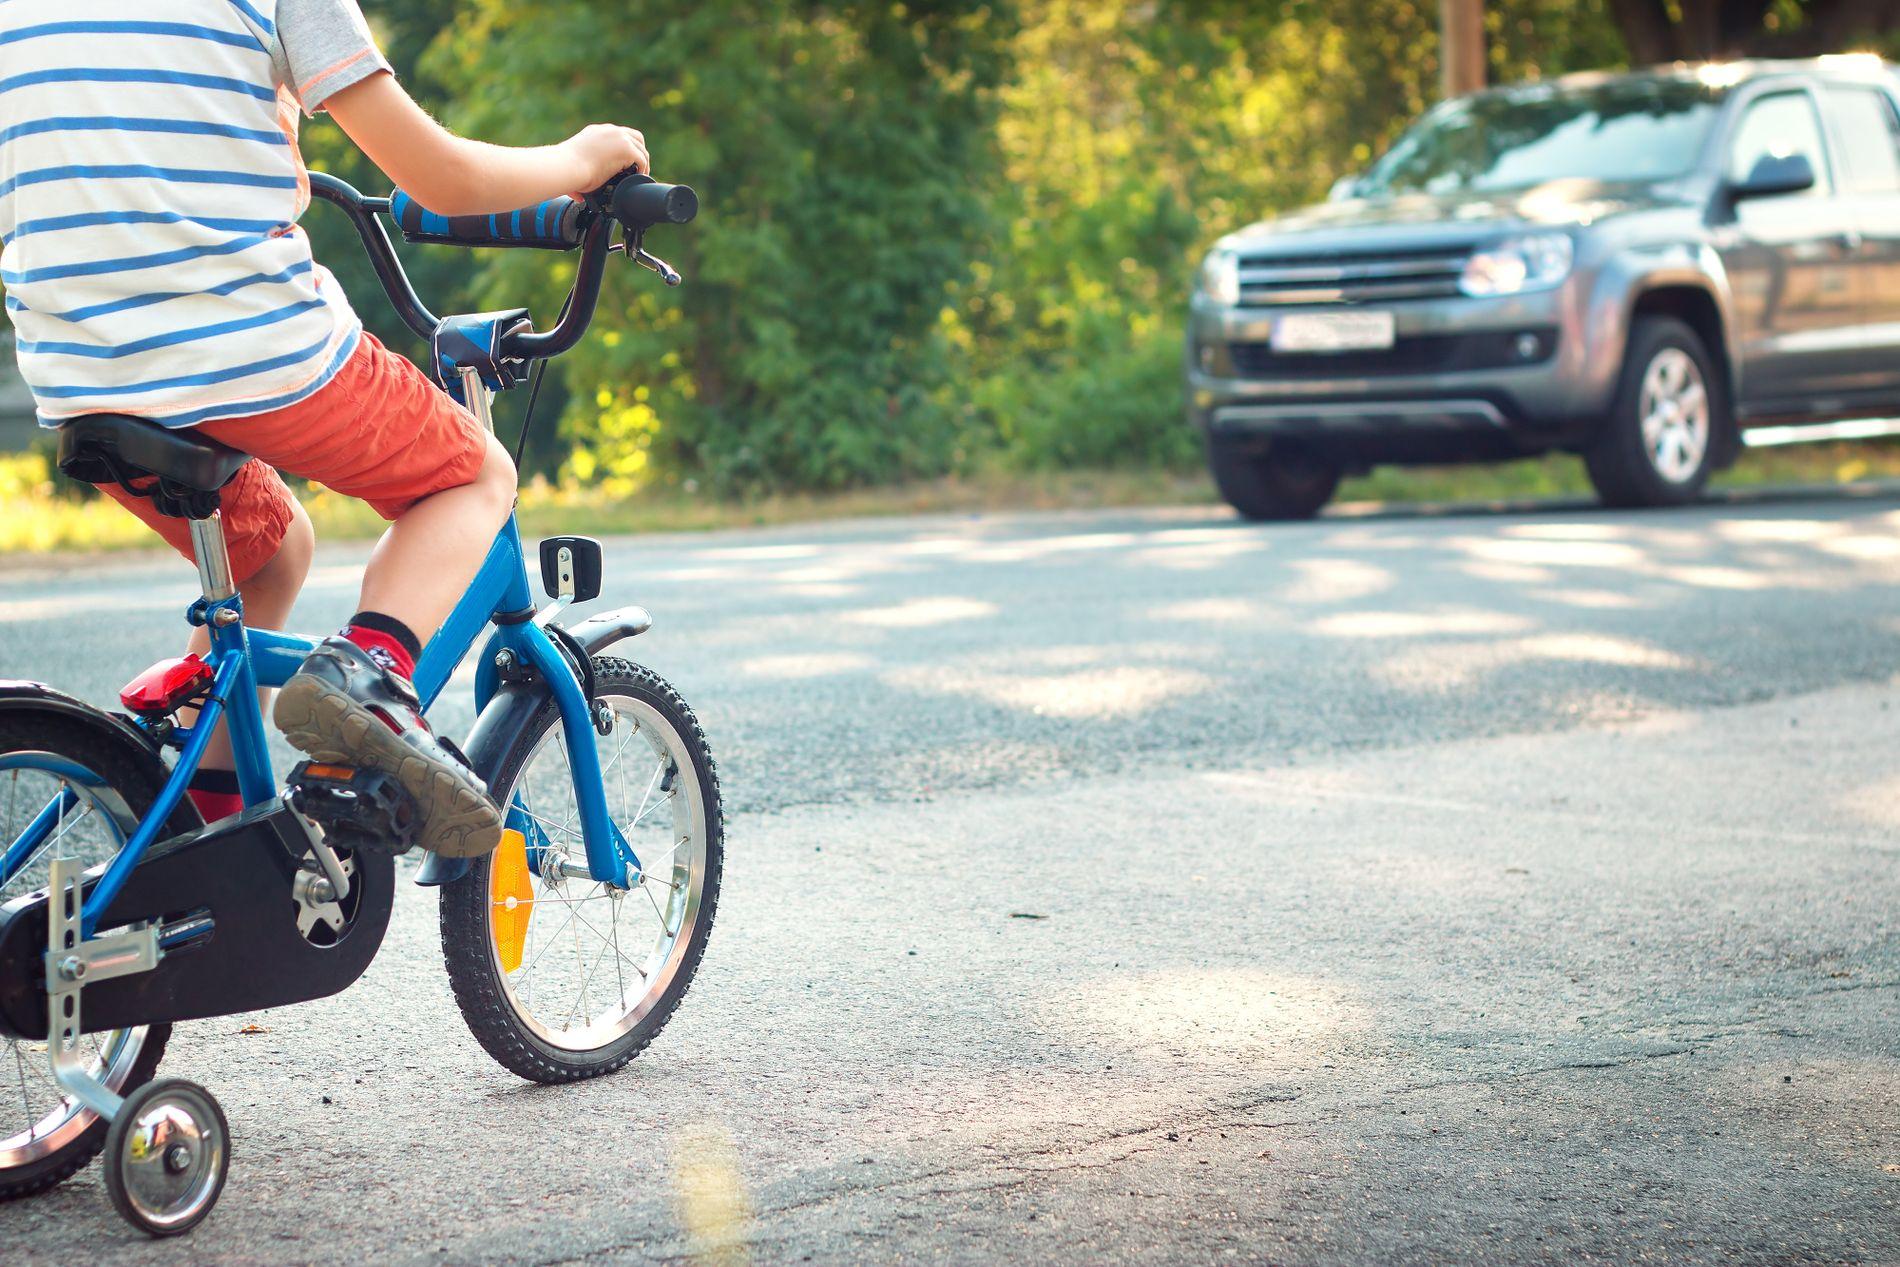 TRYGT: Praktiske og teoretiske ferdigheter gjør barna tryggere og bedre forberedt til å ferdes trygt i trafikken, skriver innsenderen.